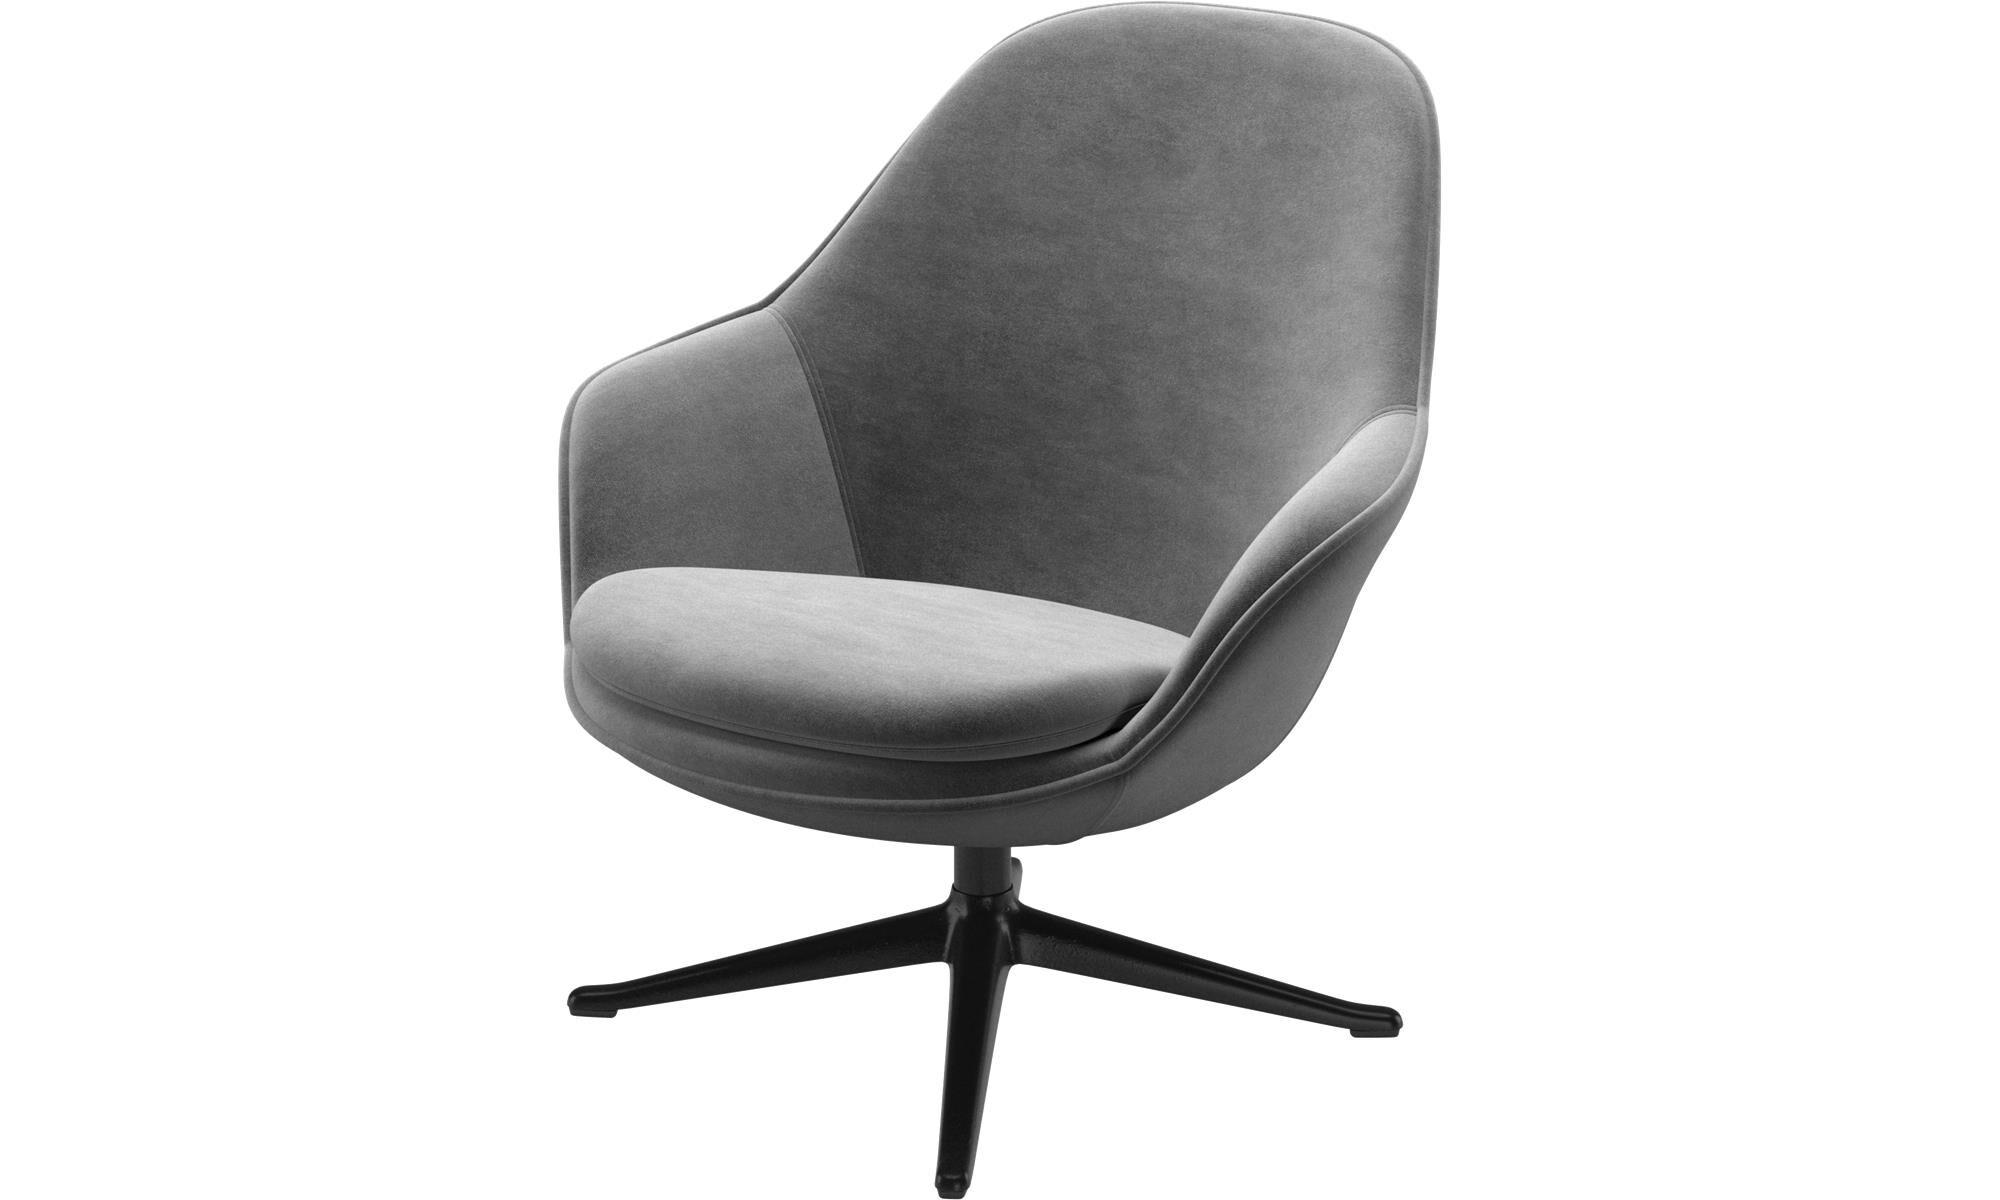 du nouveau fauteuil fauteuil moderneBoConcept Présentation du Présentation nouveau Xn08kZNOwP